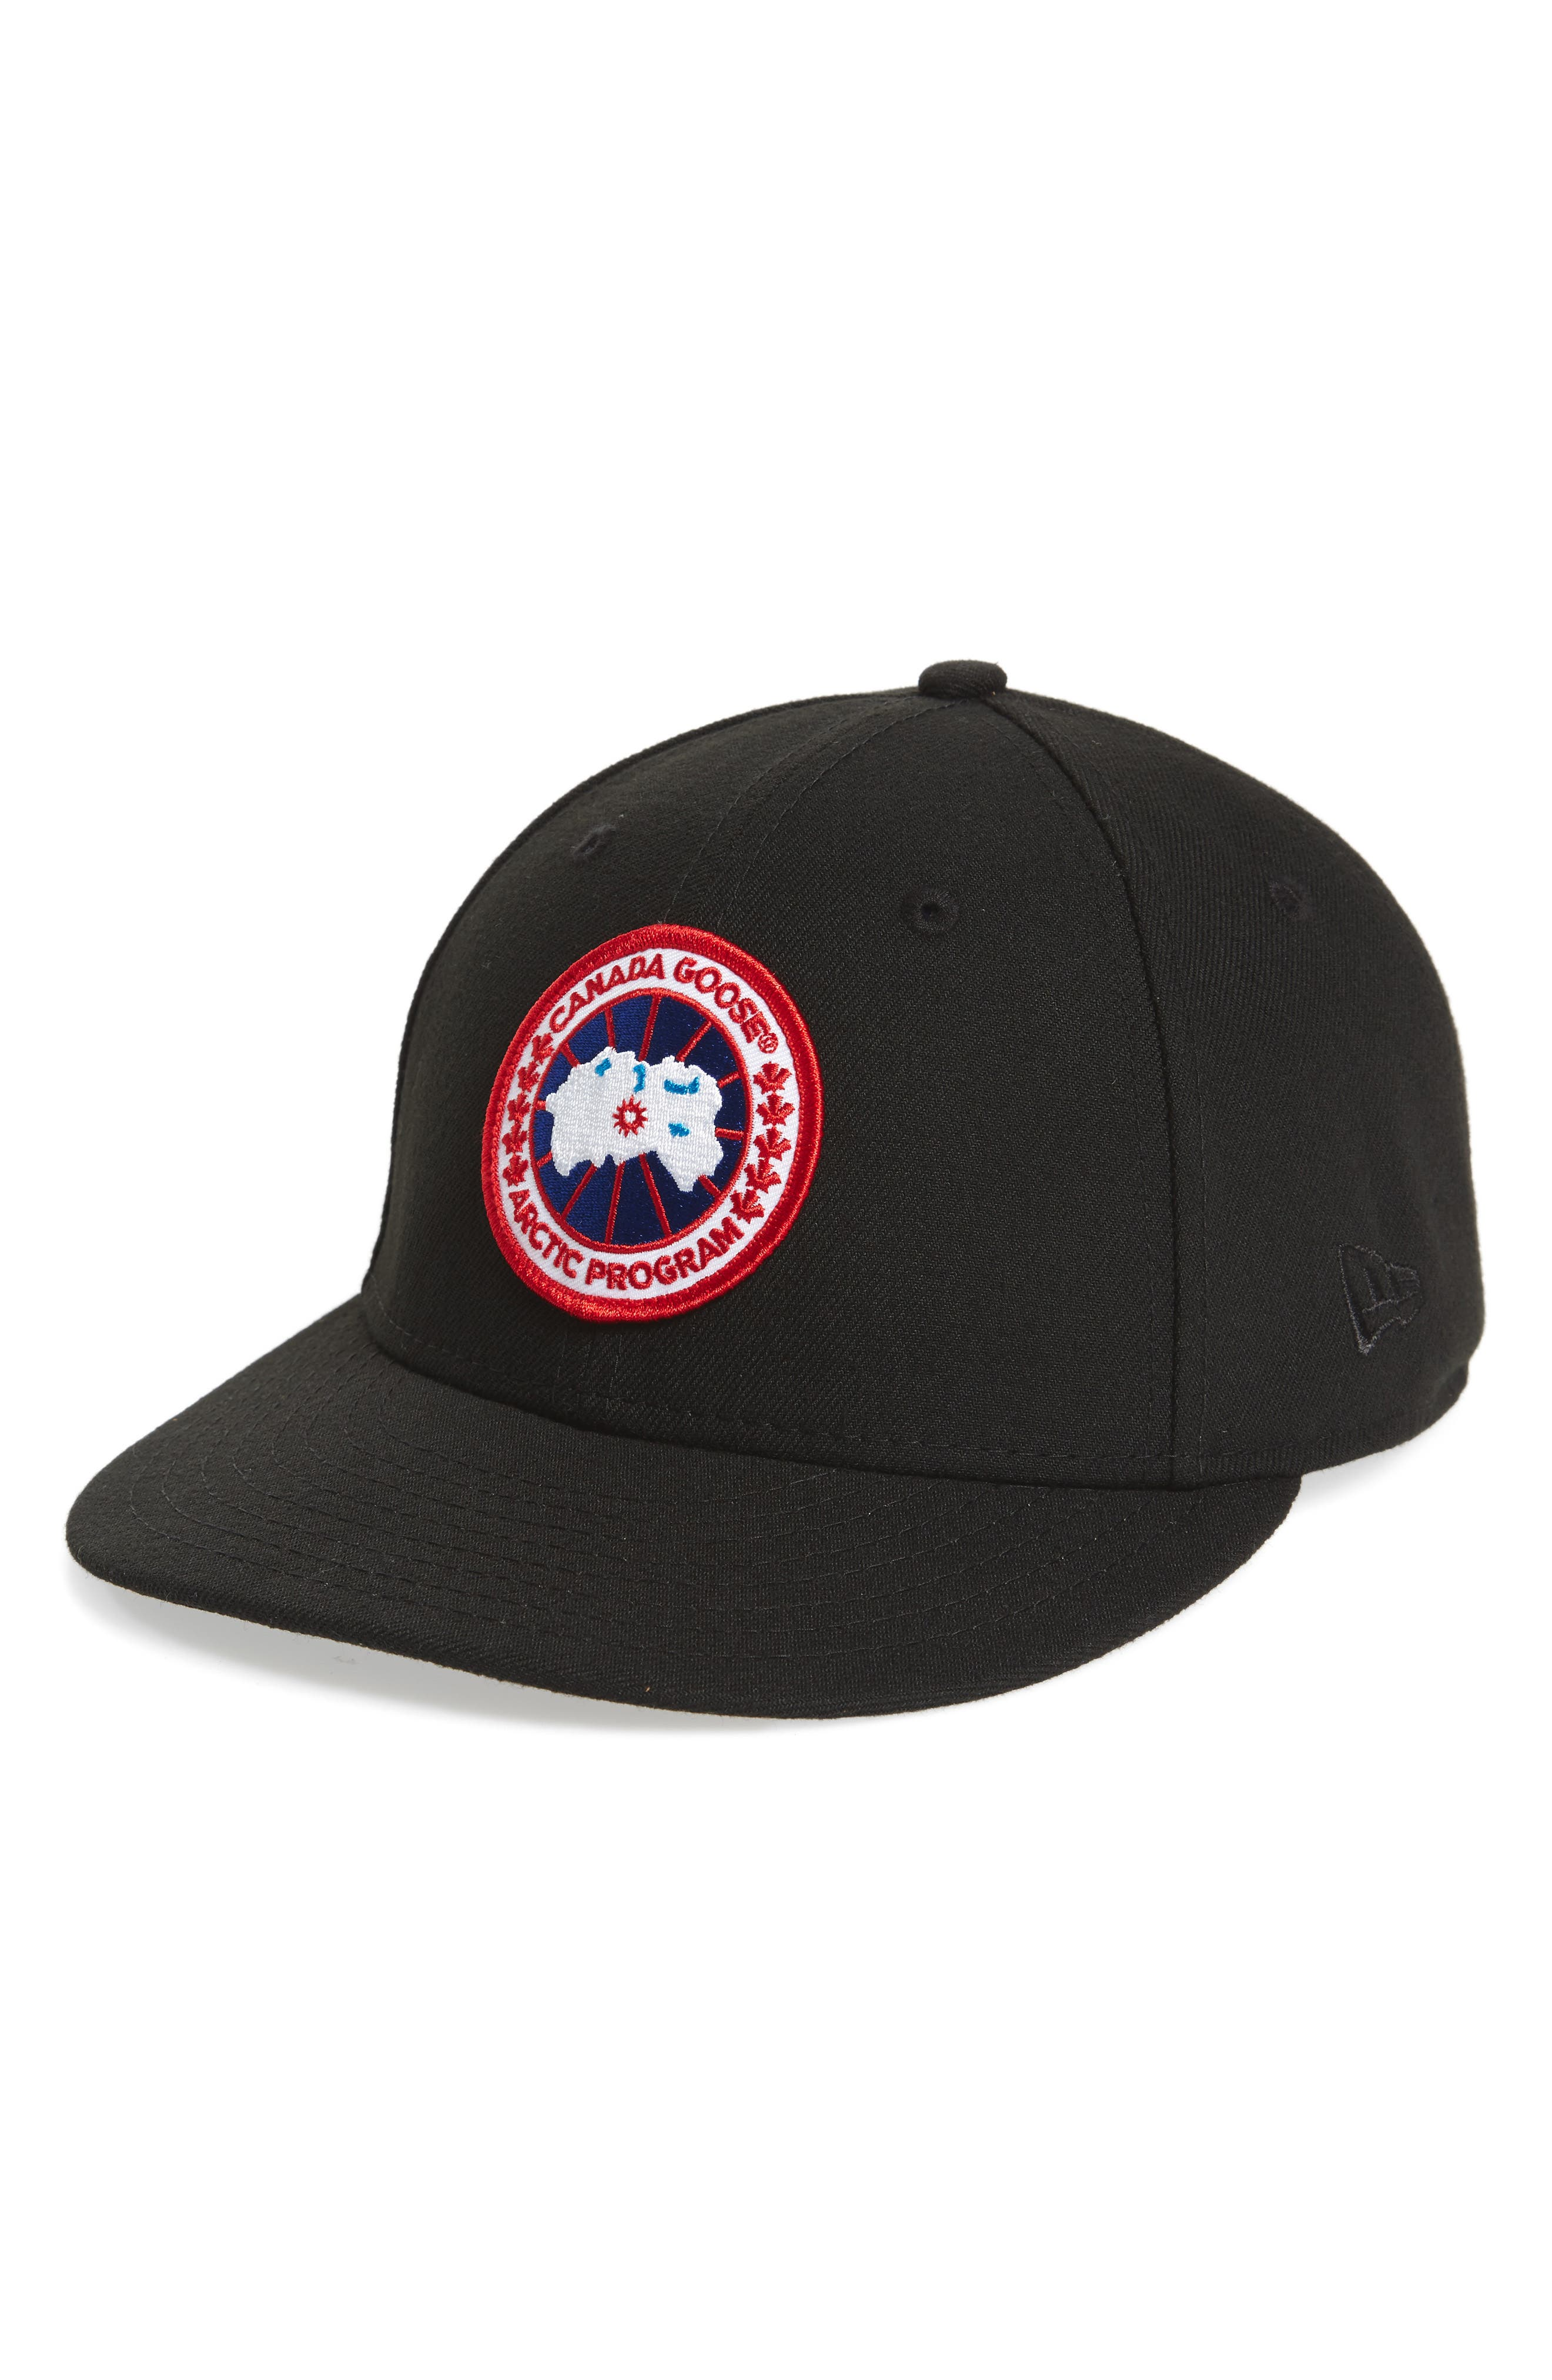 Canada Goose Core Snapback Baseball Cap